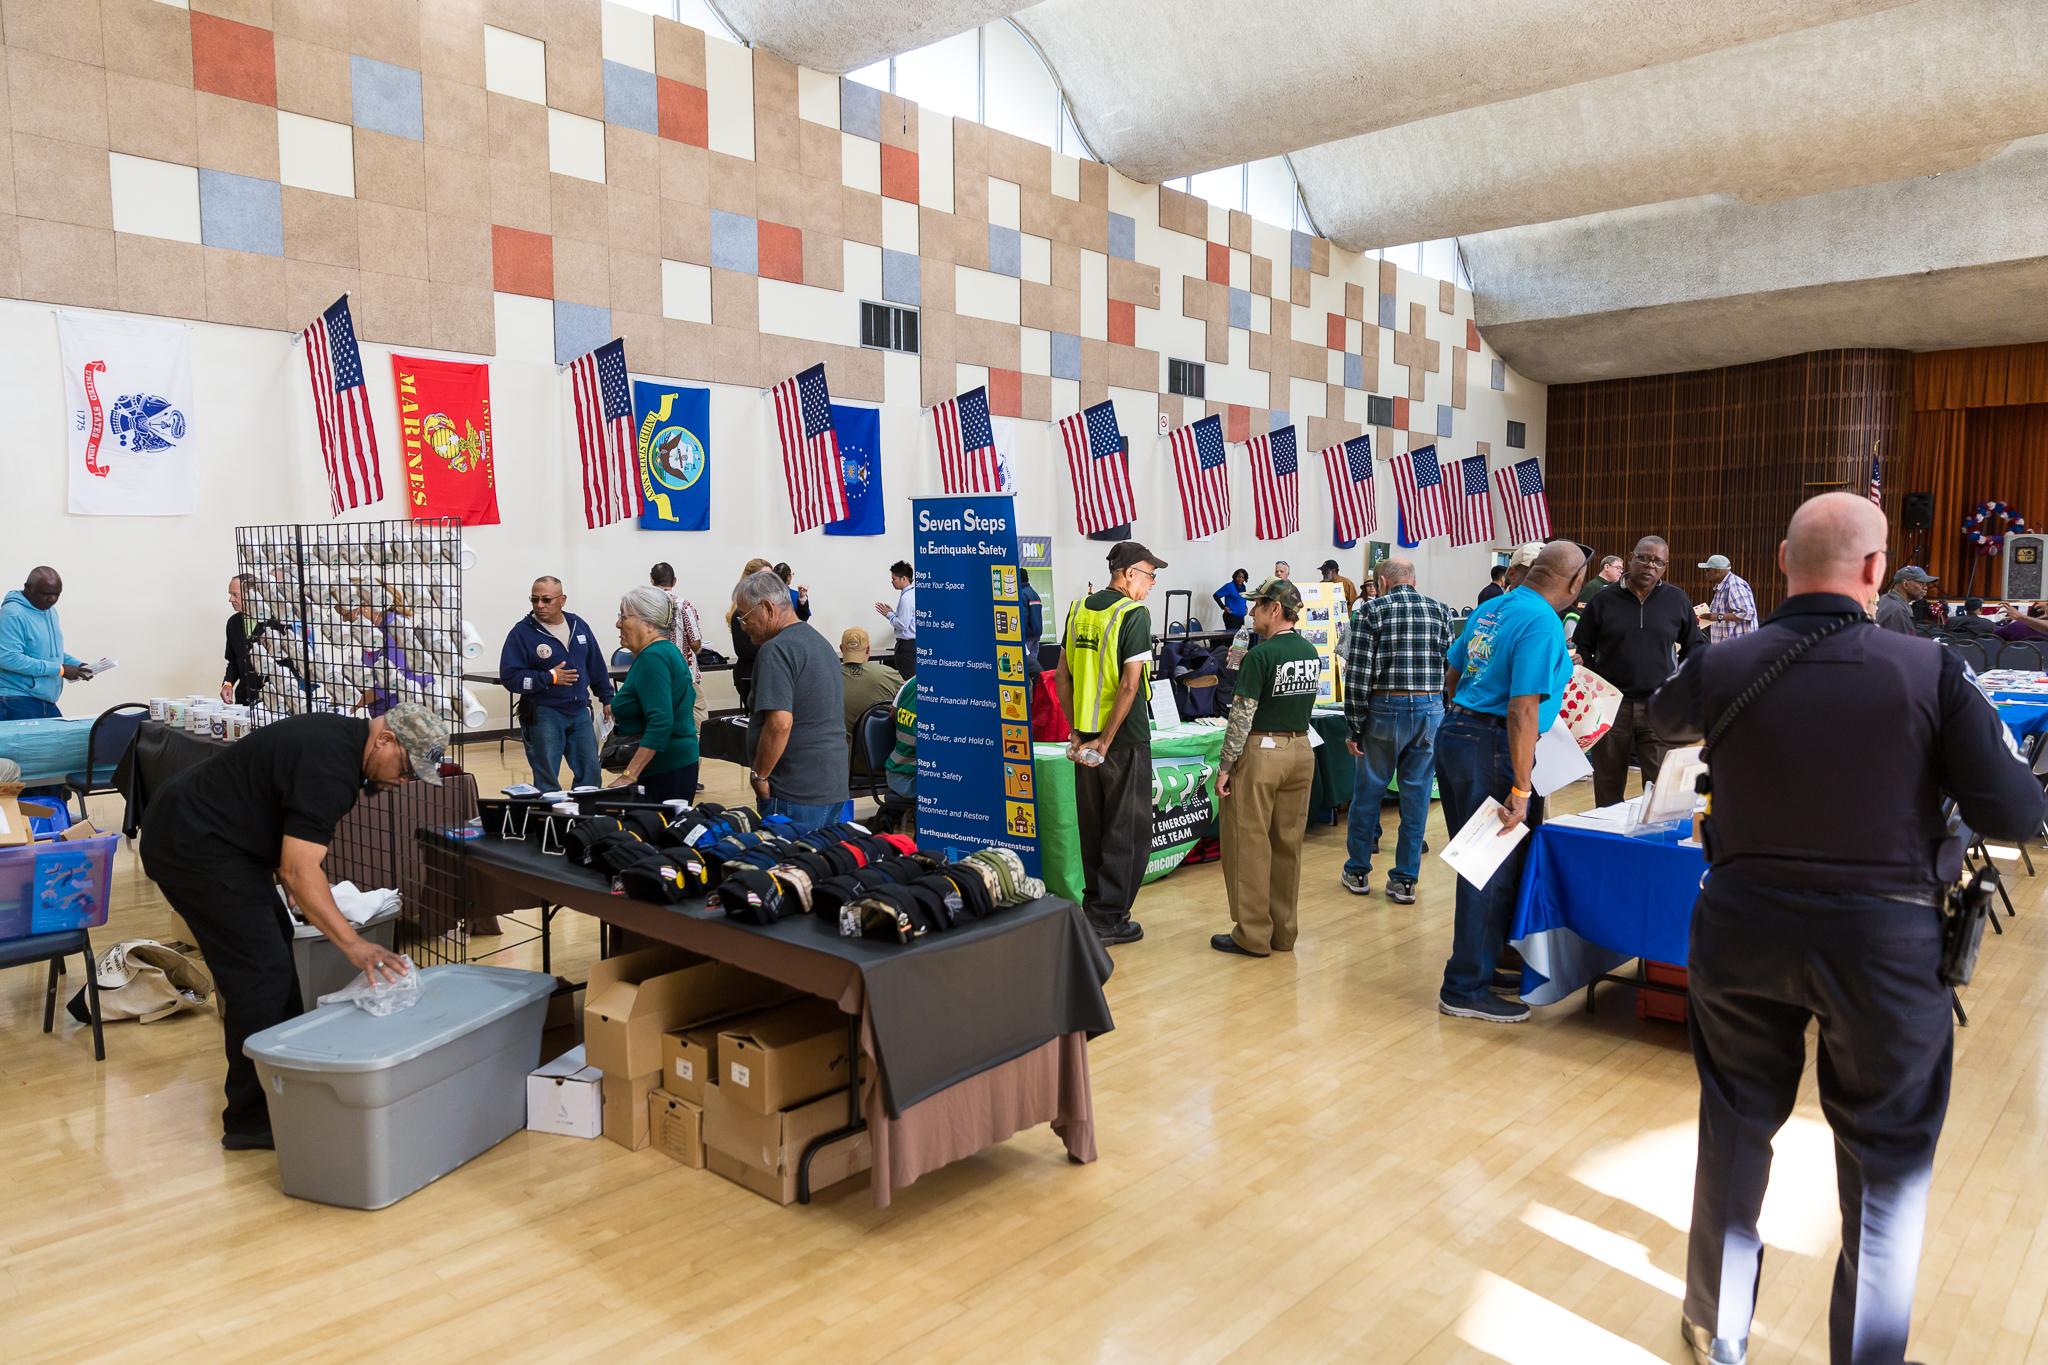 Exhibit hall